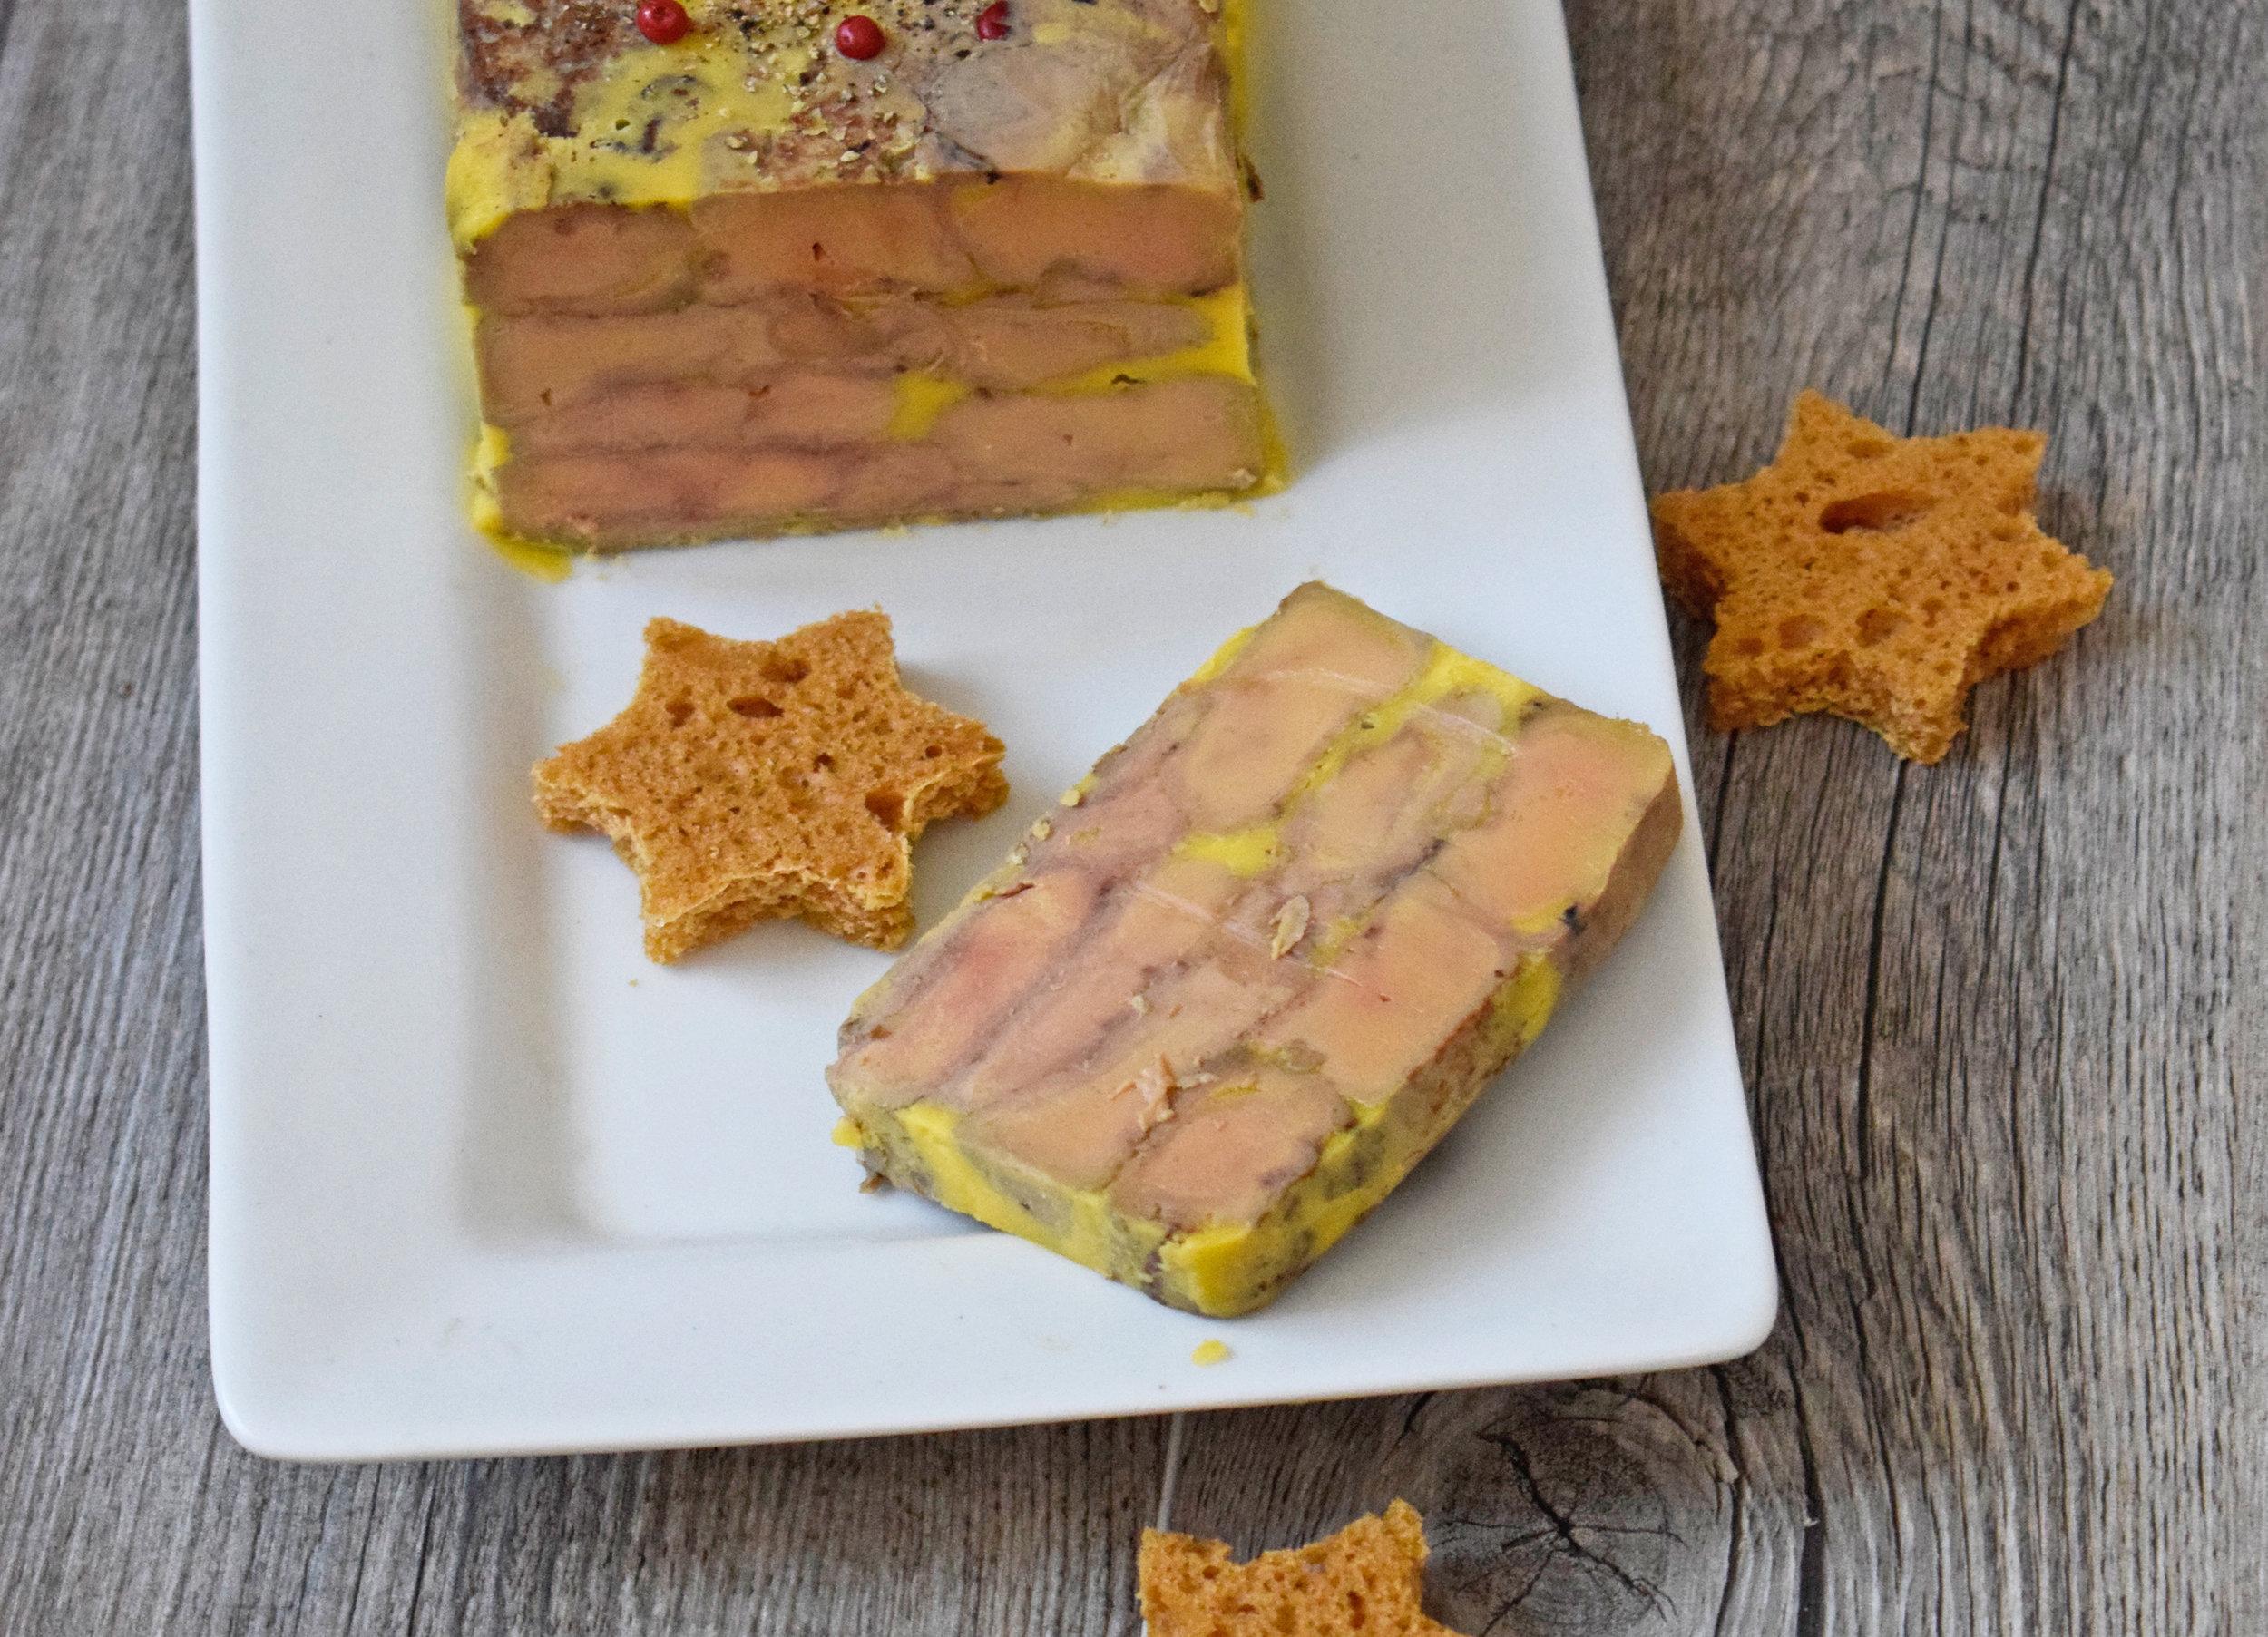 foie gras cyril rouquet-prévost